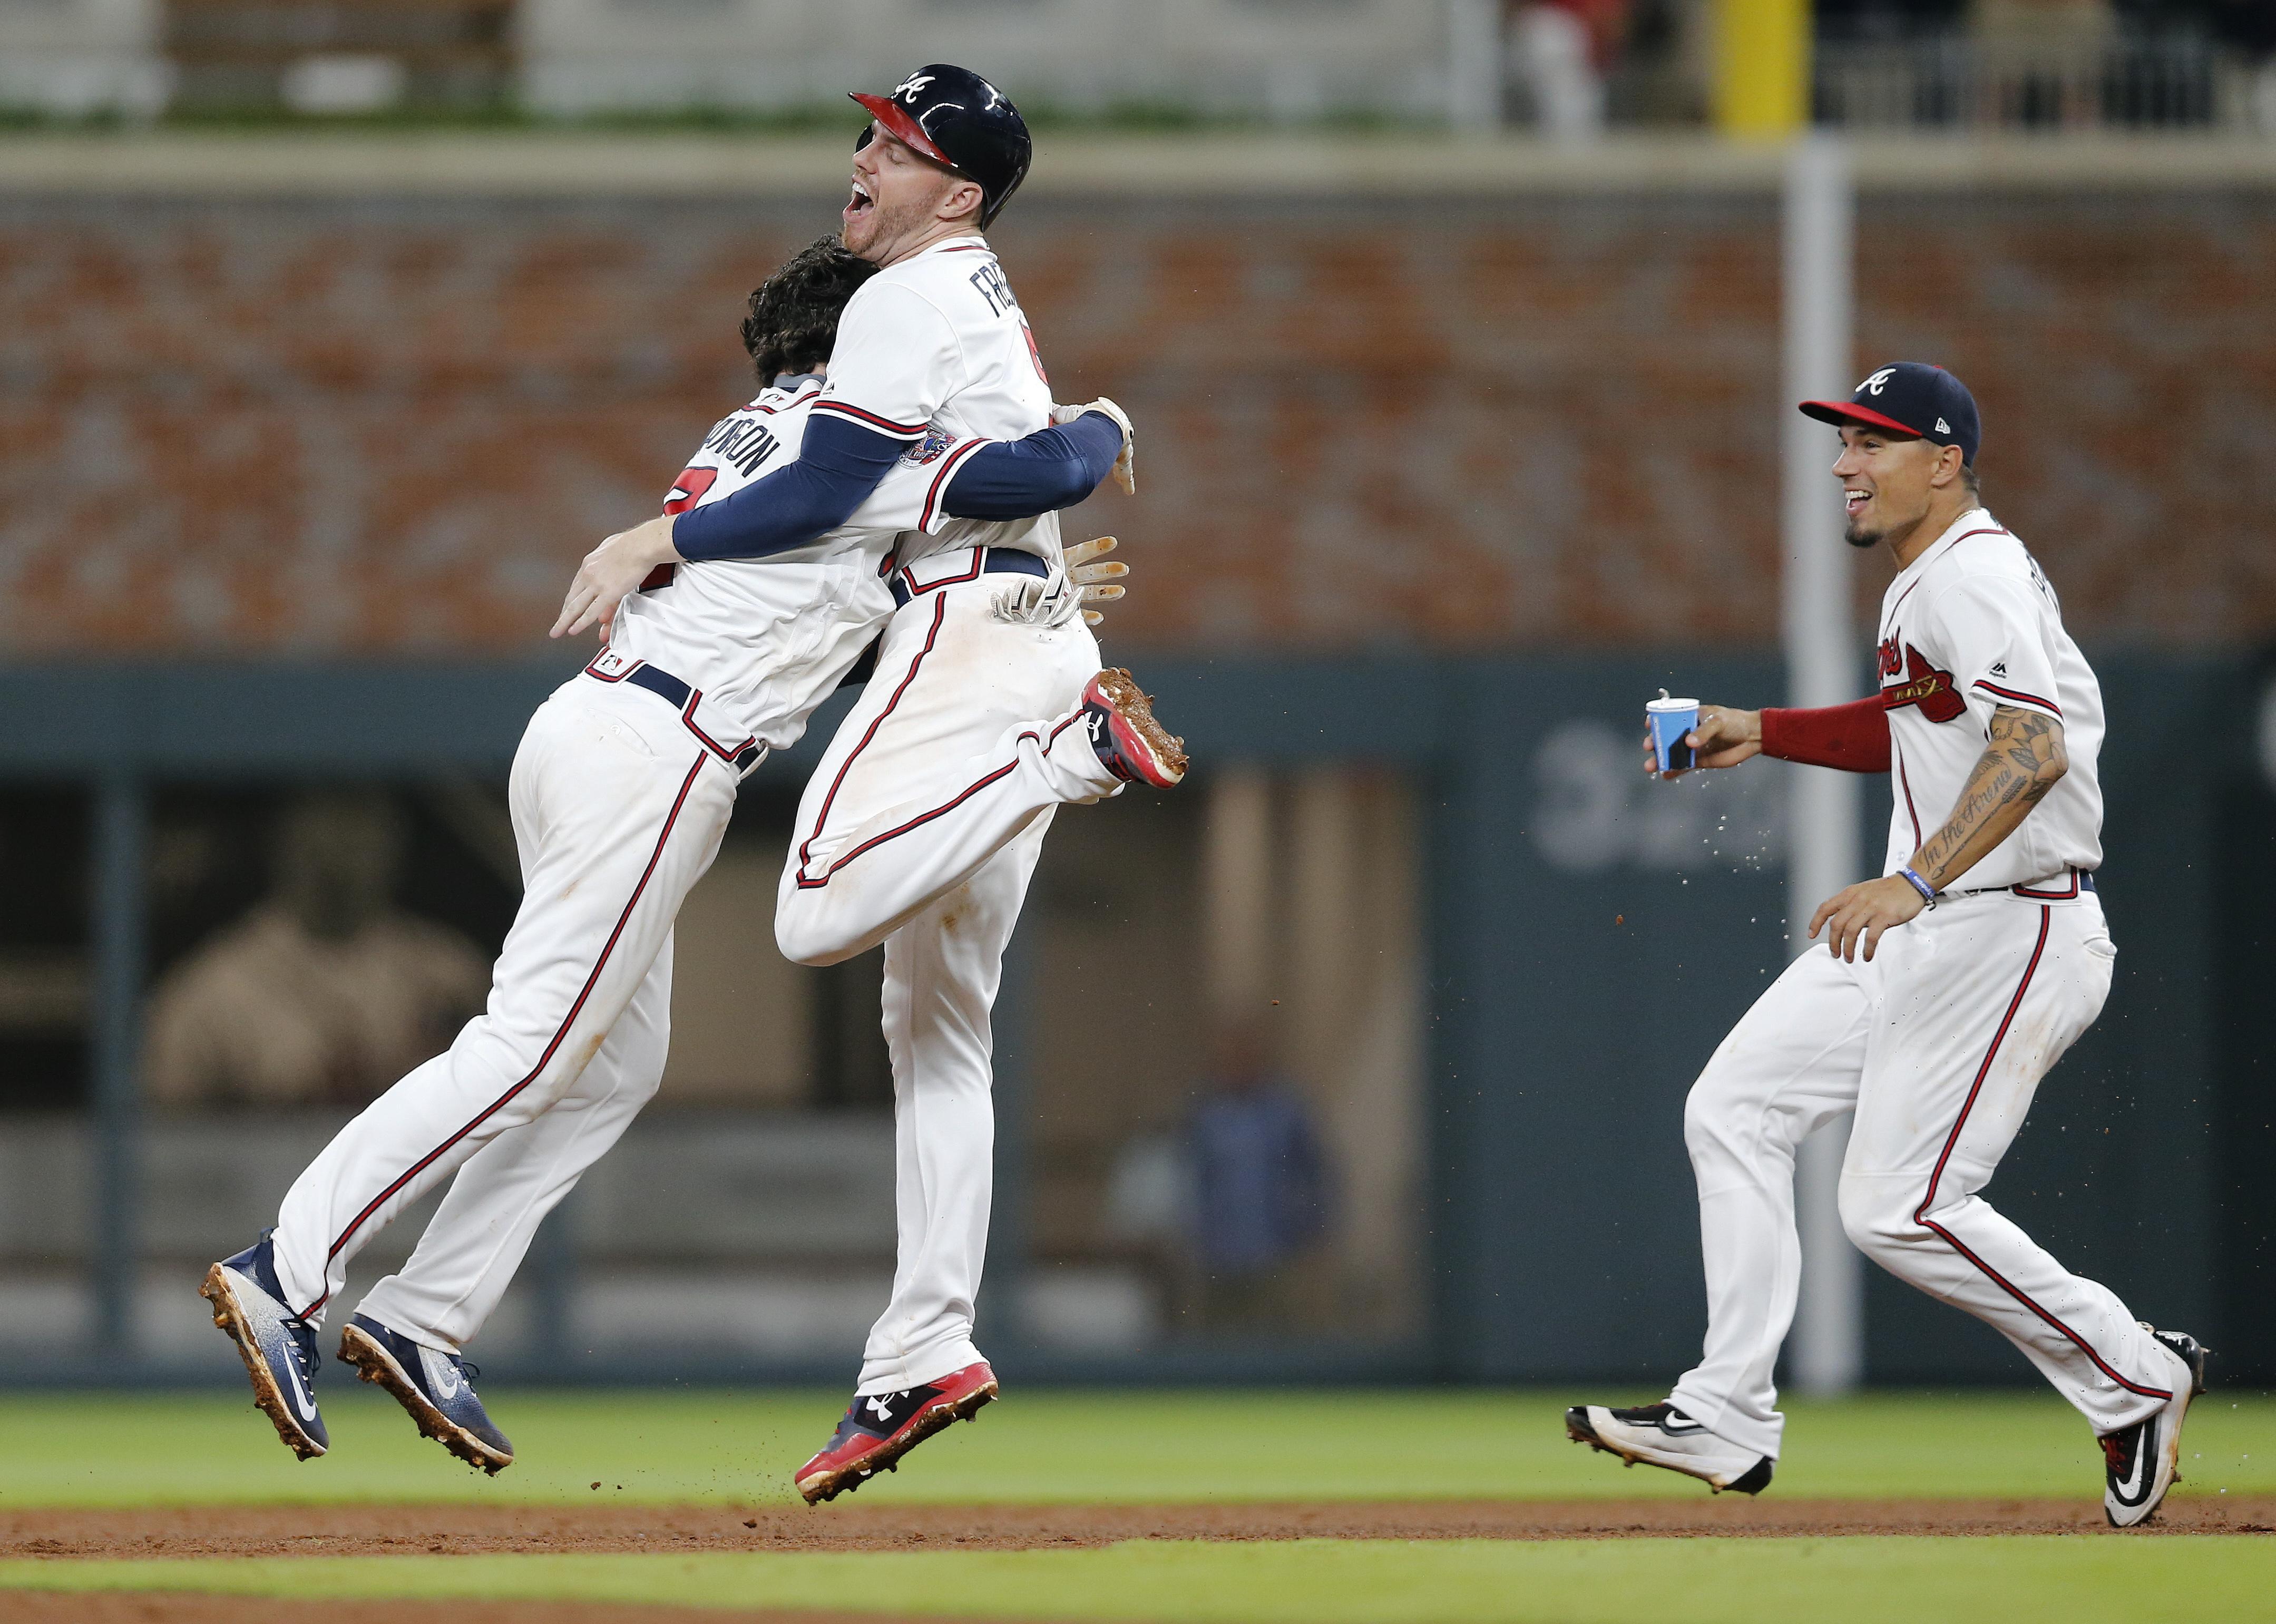 Padres_braves_baseball_46560